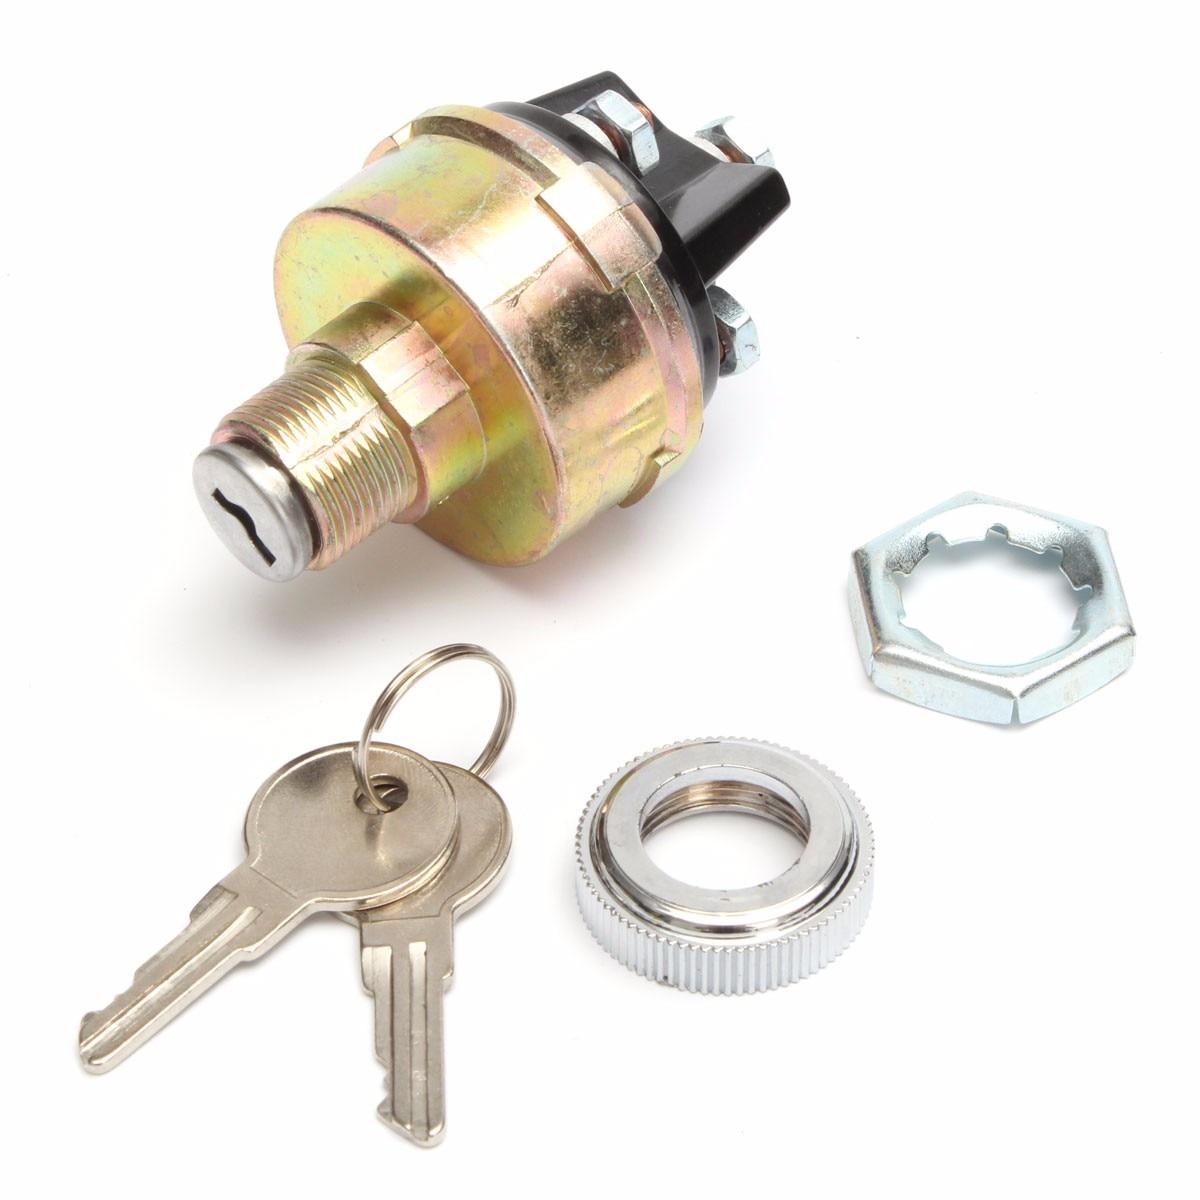 Nuevo cilindro de encendido interruptor de bloqueo y 2 llaves para Jeep CJ3 CJ5 CJ5A DJ5 CJ6 DJ6 CJ6A KS6180 US14 UN148 CS7UL3 S11